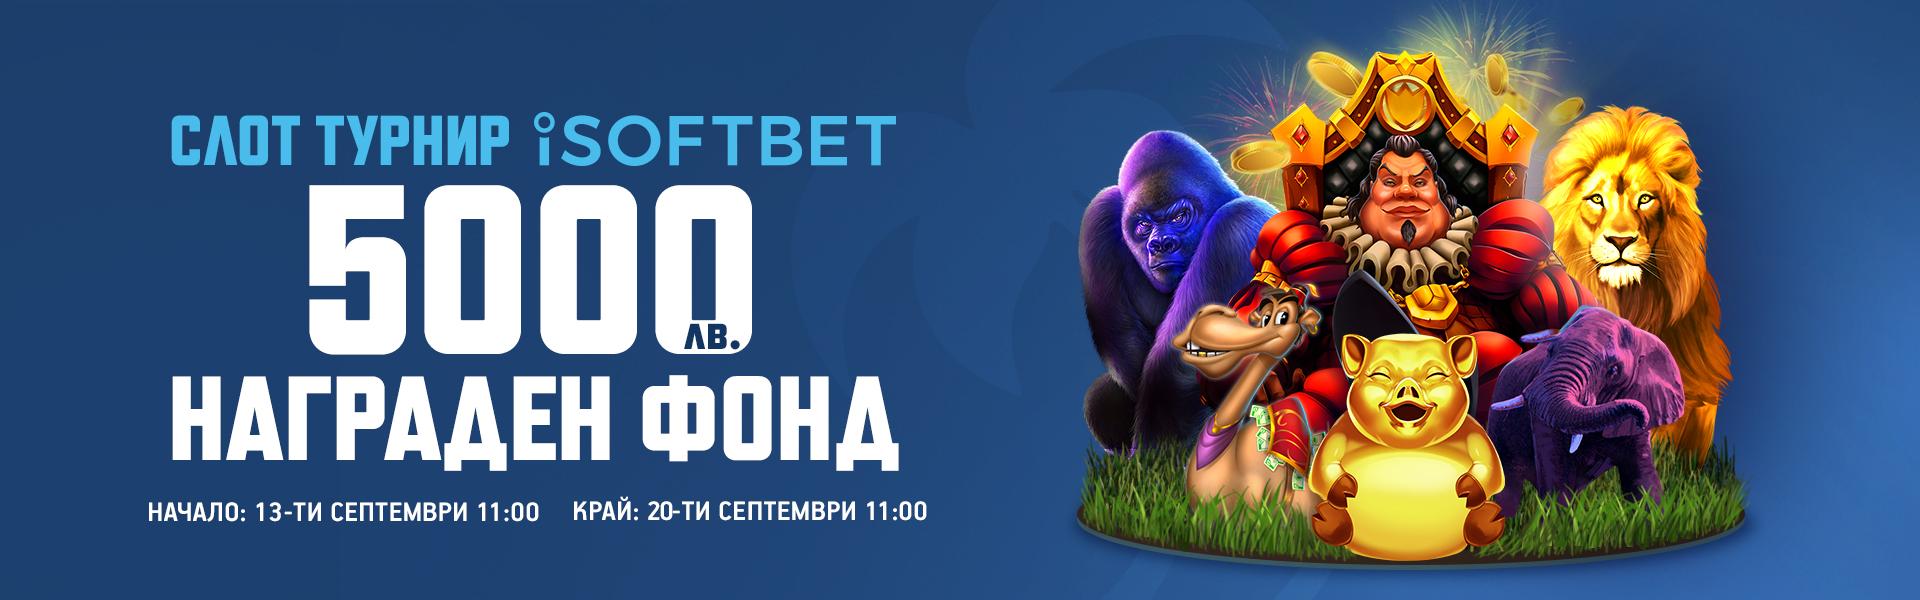 isoftbet slot turnir-komarbet.com